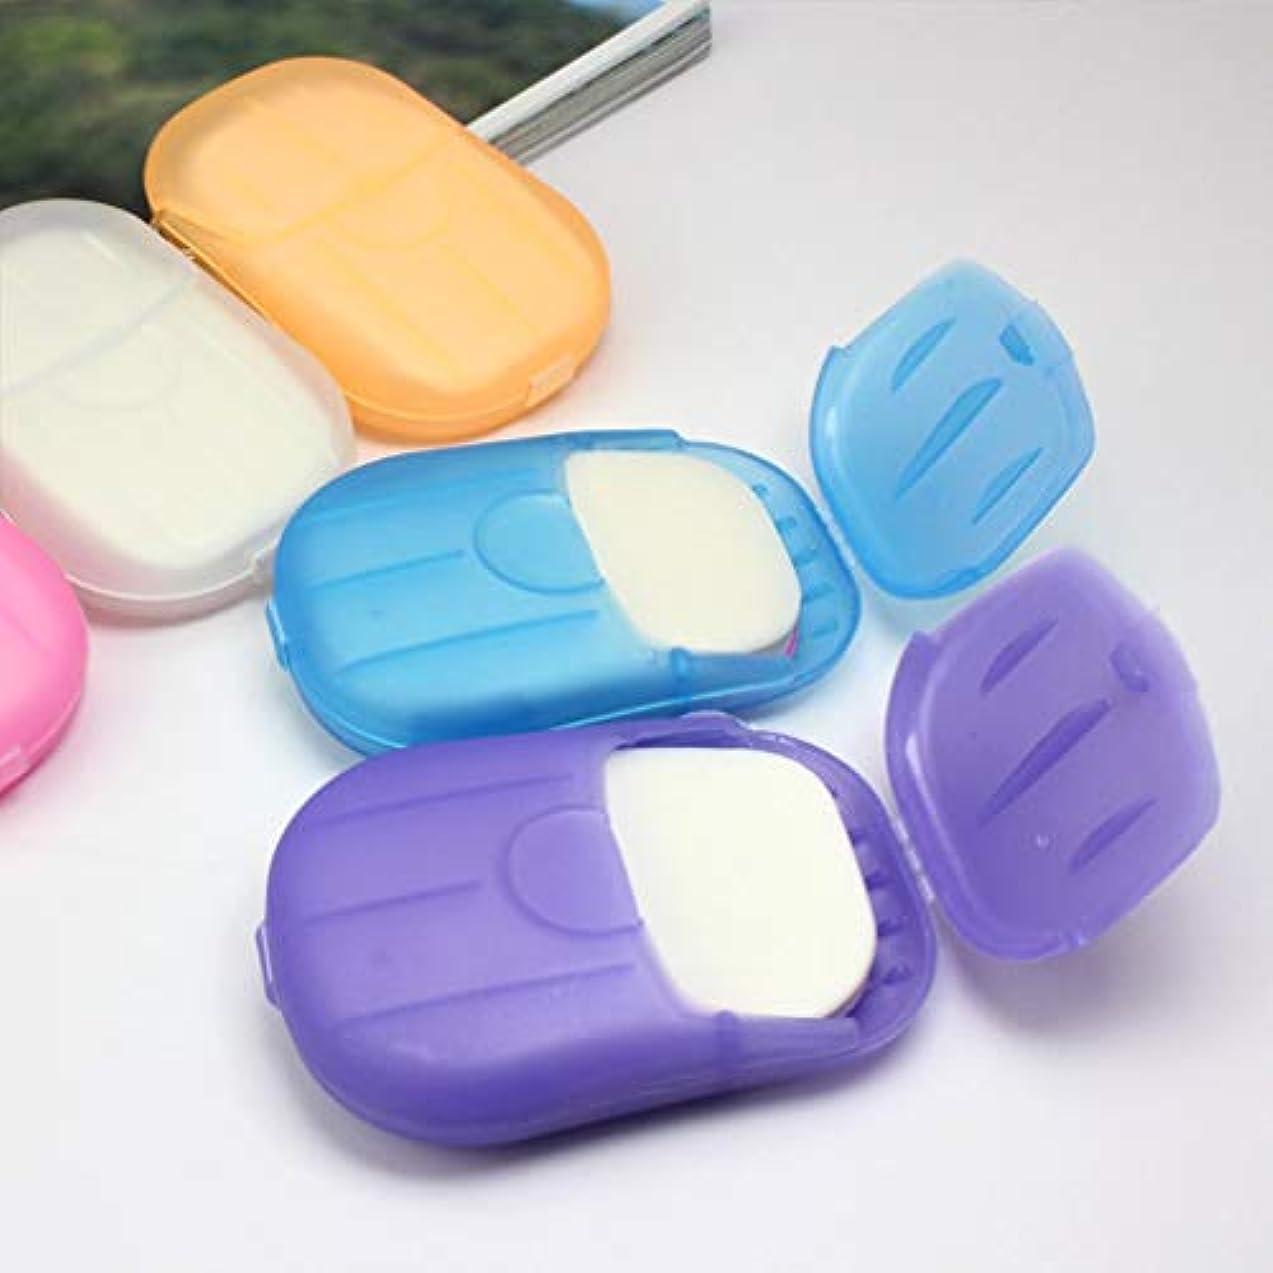 激しいくびれたお願いします1PCS小型携帯手洗い石鹸フレークランダムカラー